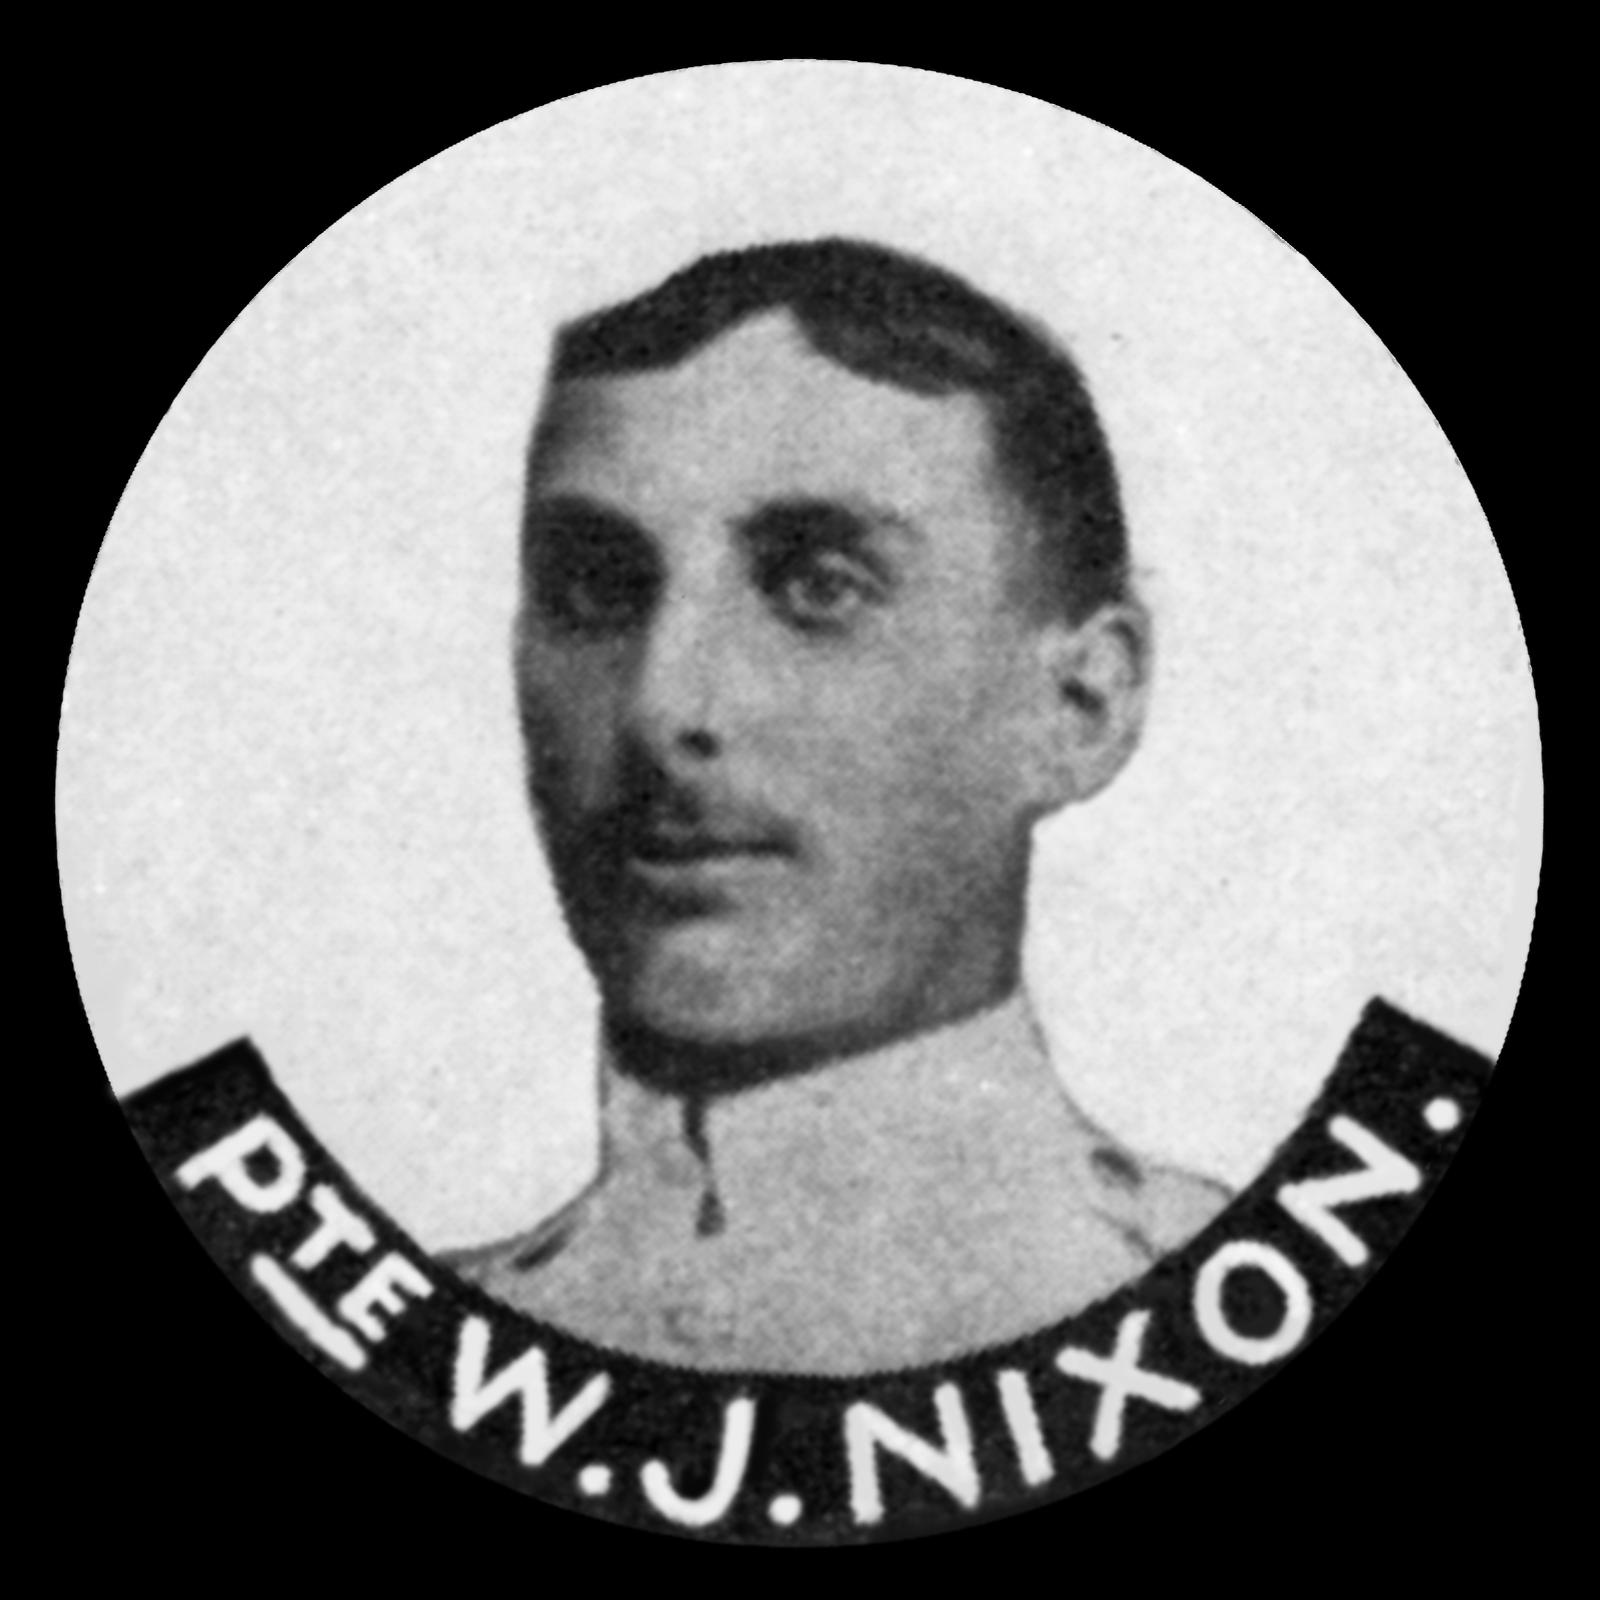 NIXON William John